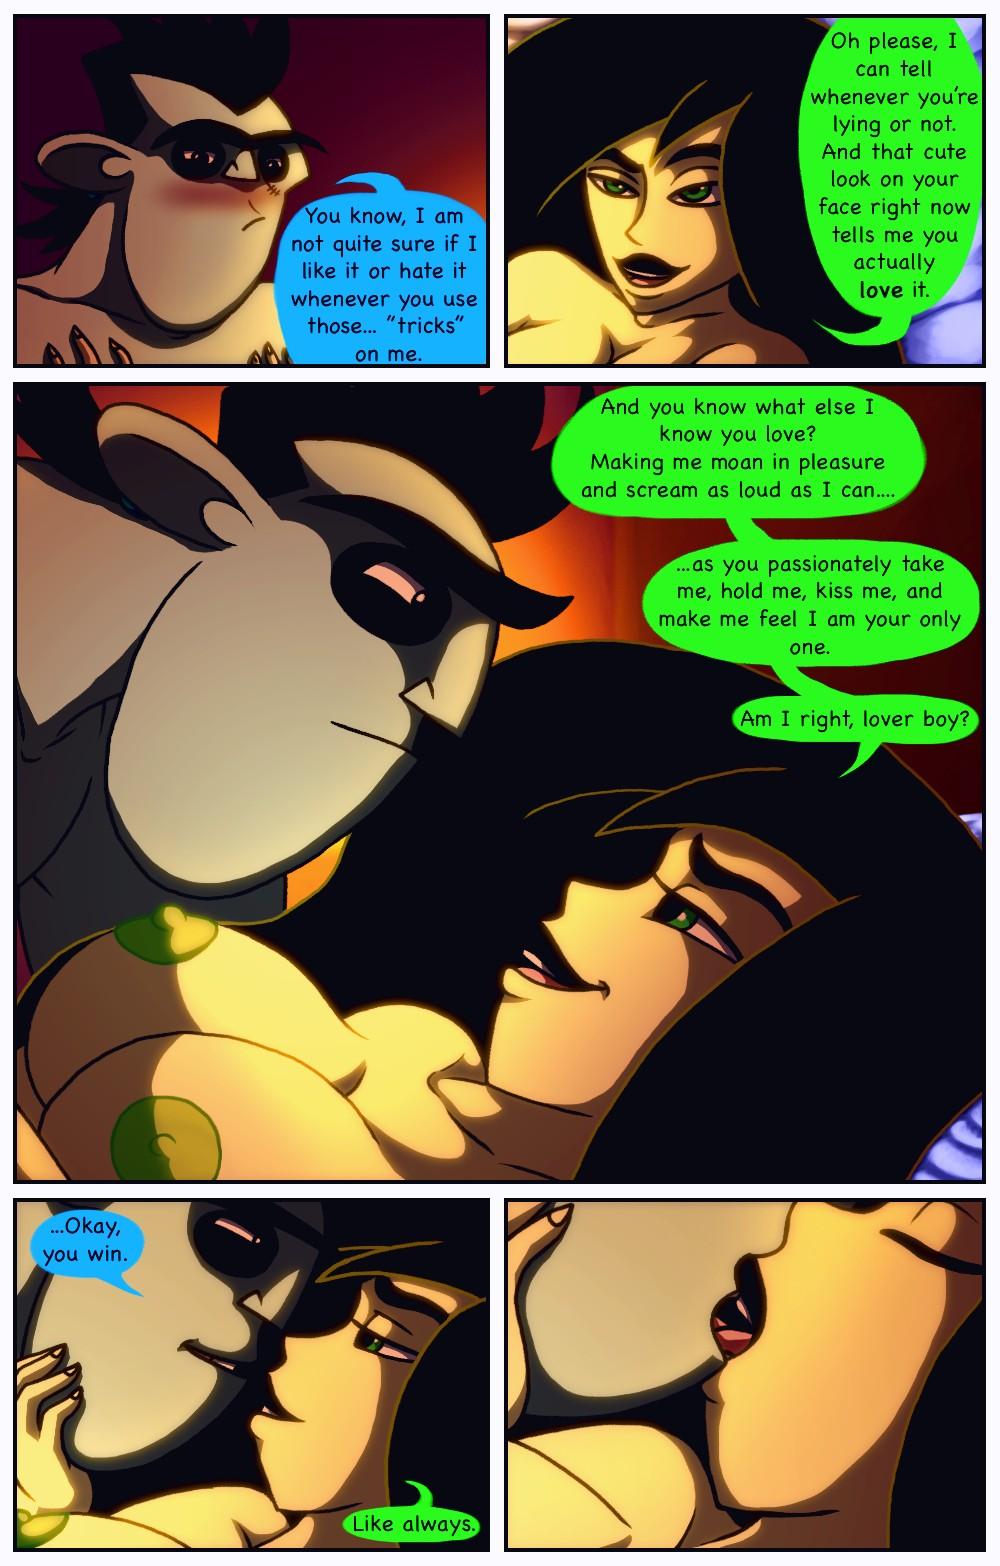 A Dangerous Date 2 porn comic page 014